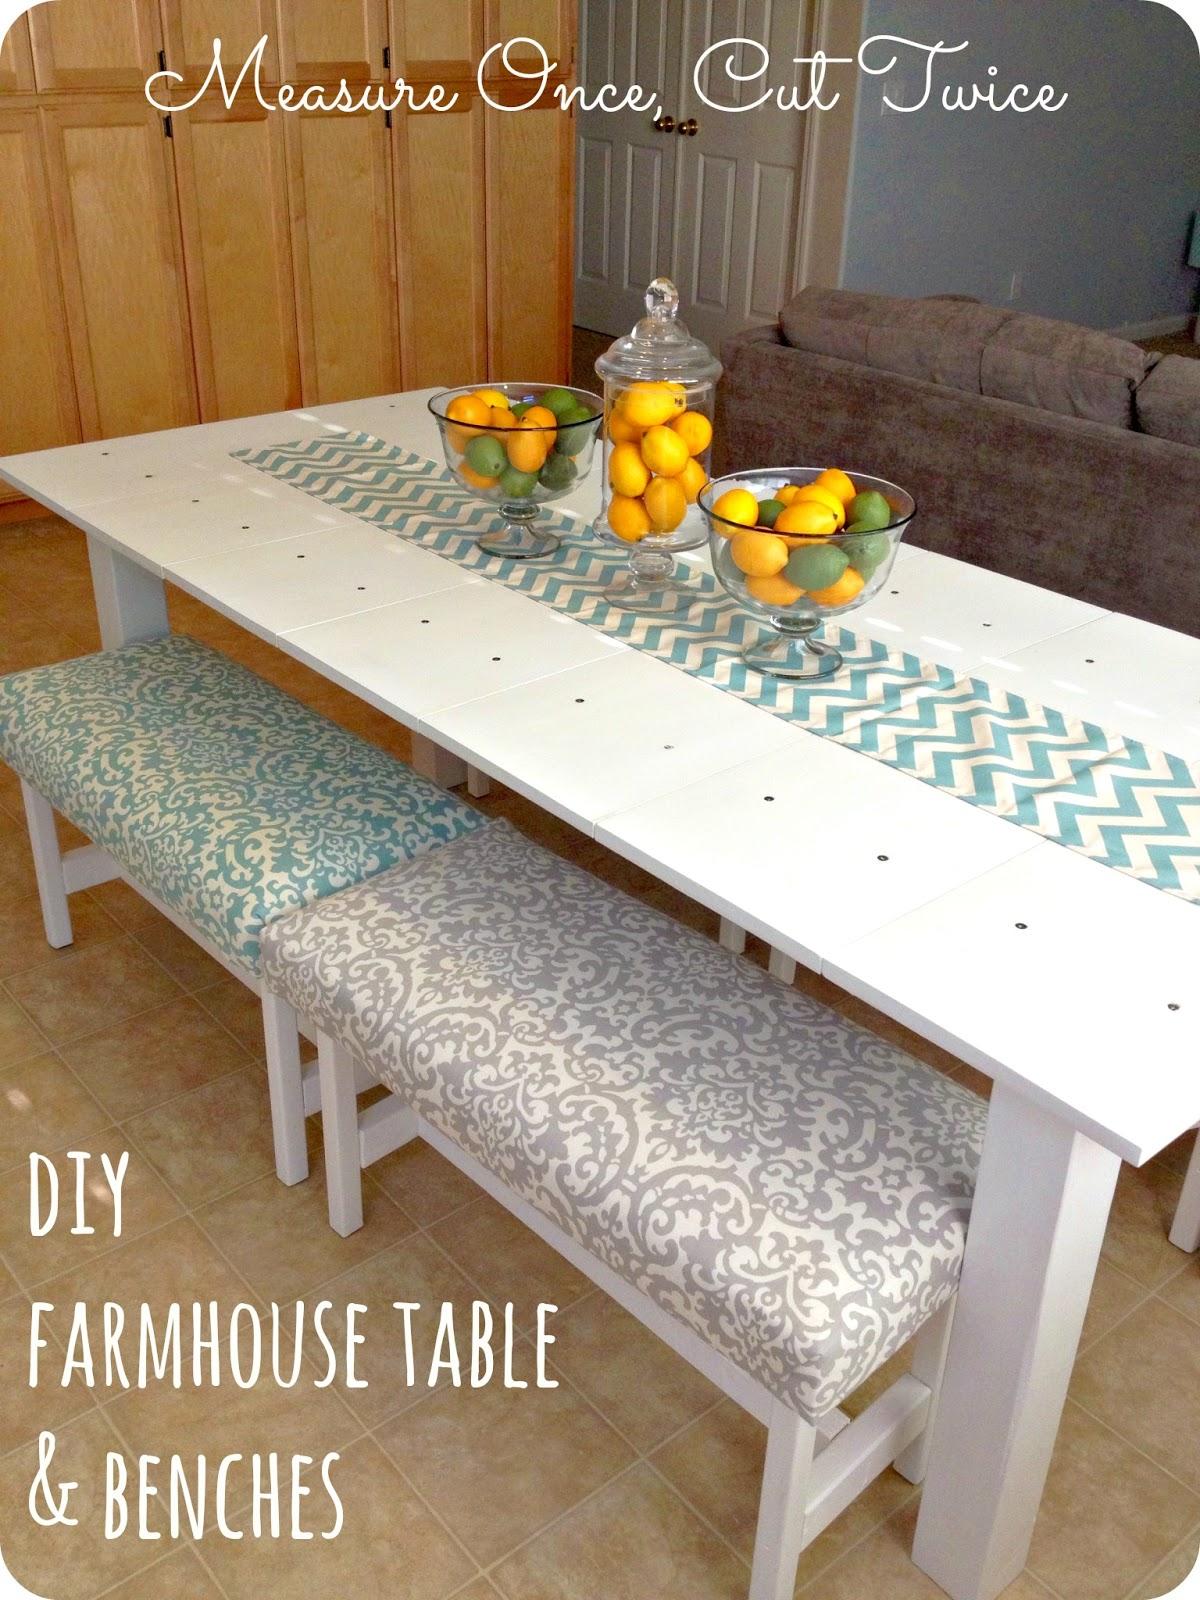 DIY Farmhouse Table & Benches